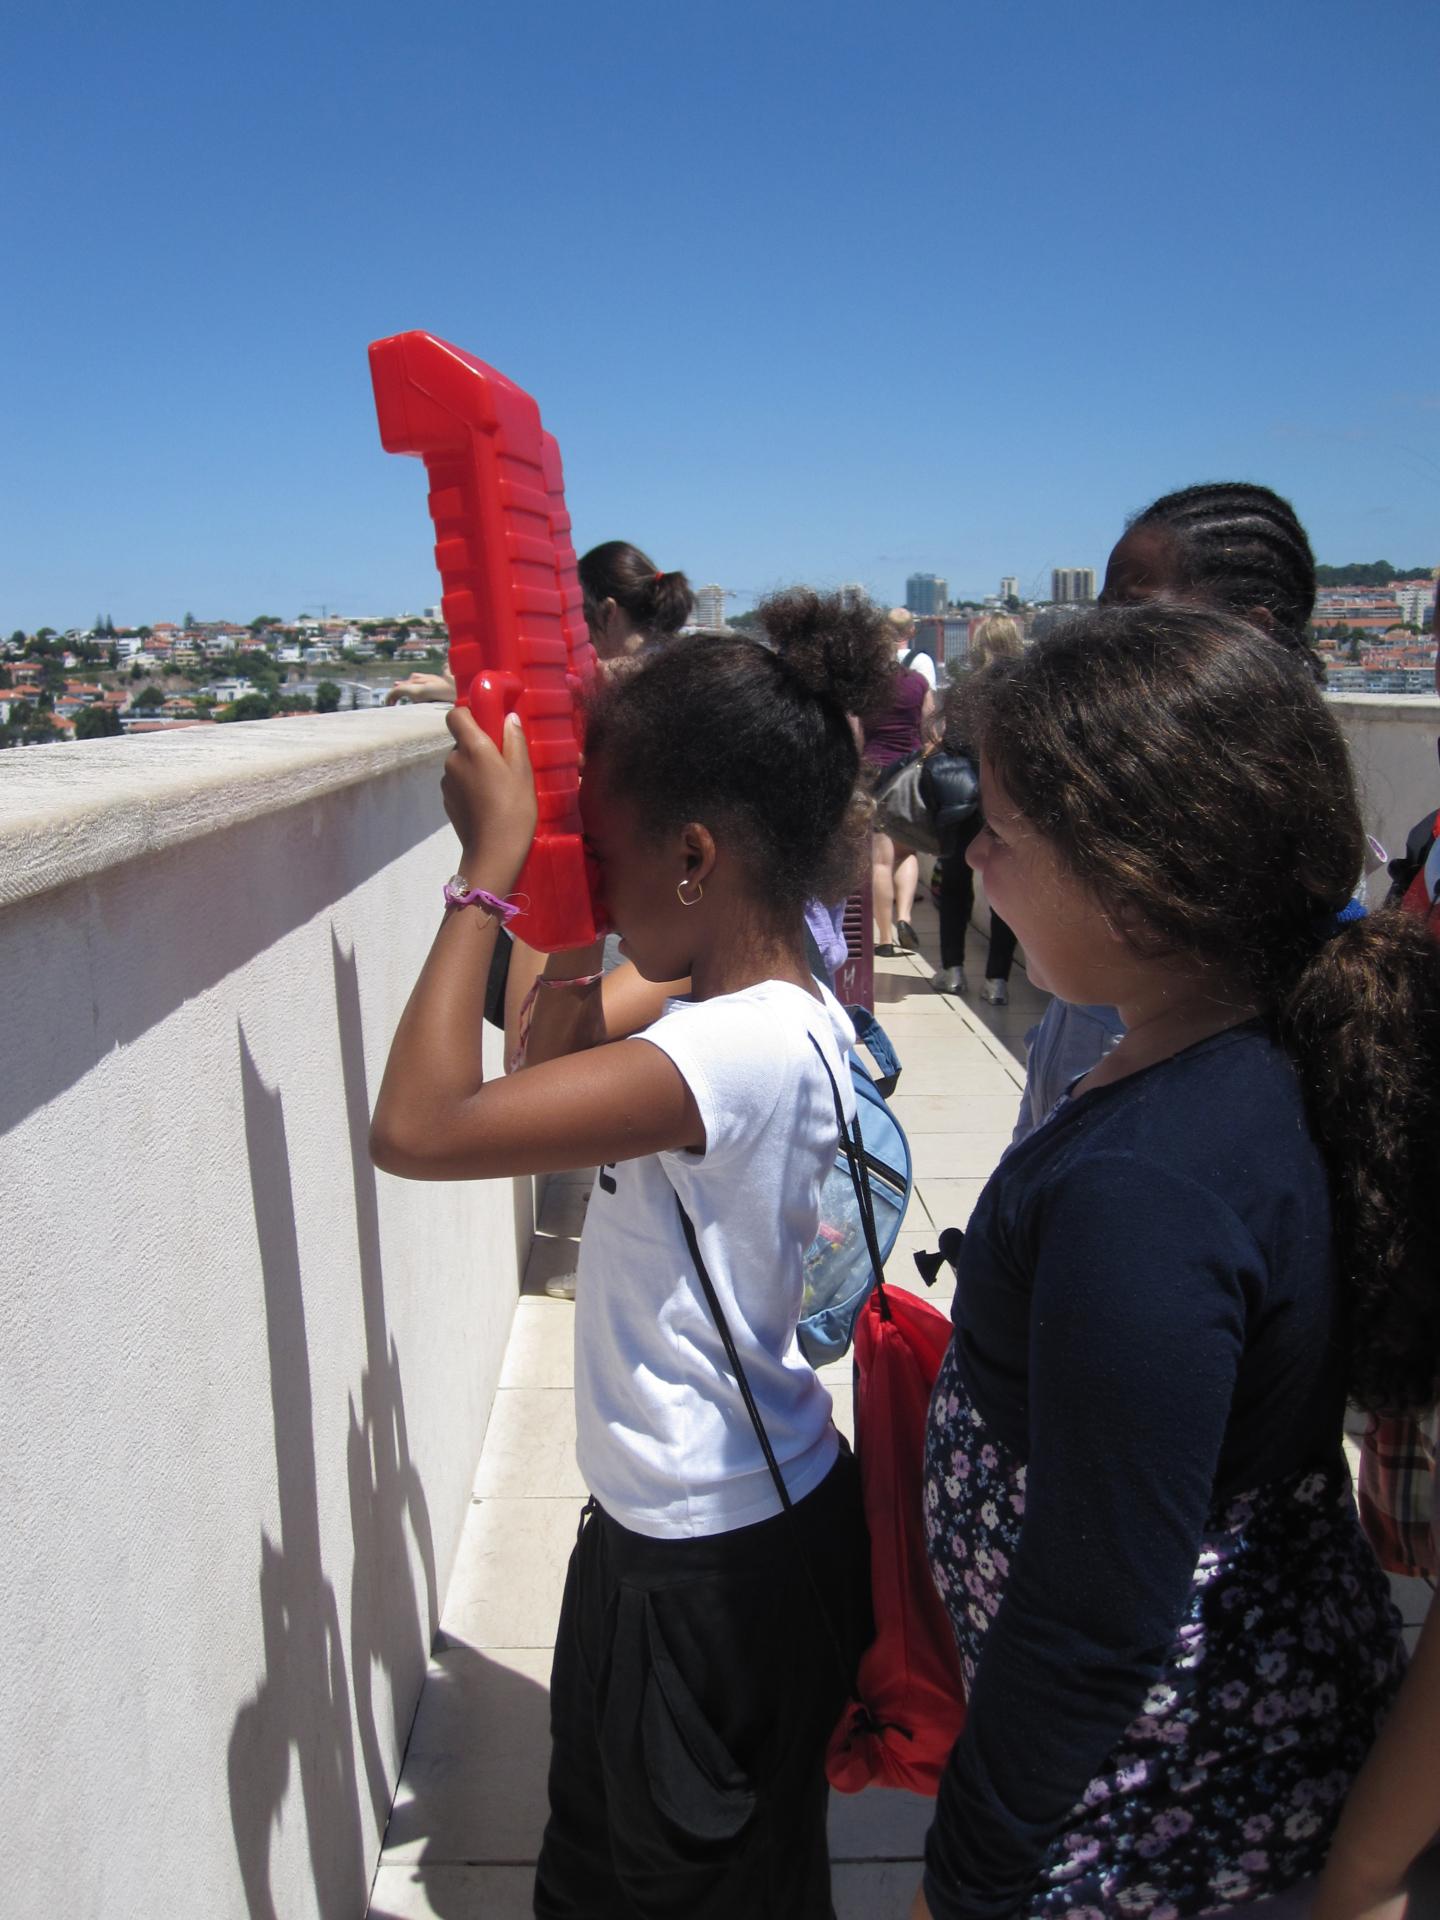 Crianças no miradouro do Padrão dos Descobrimentos com um periscópio